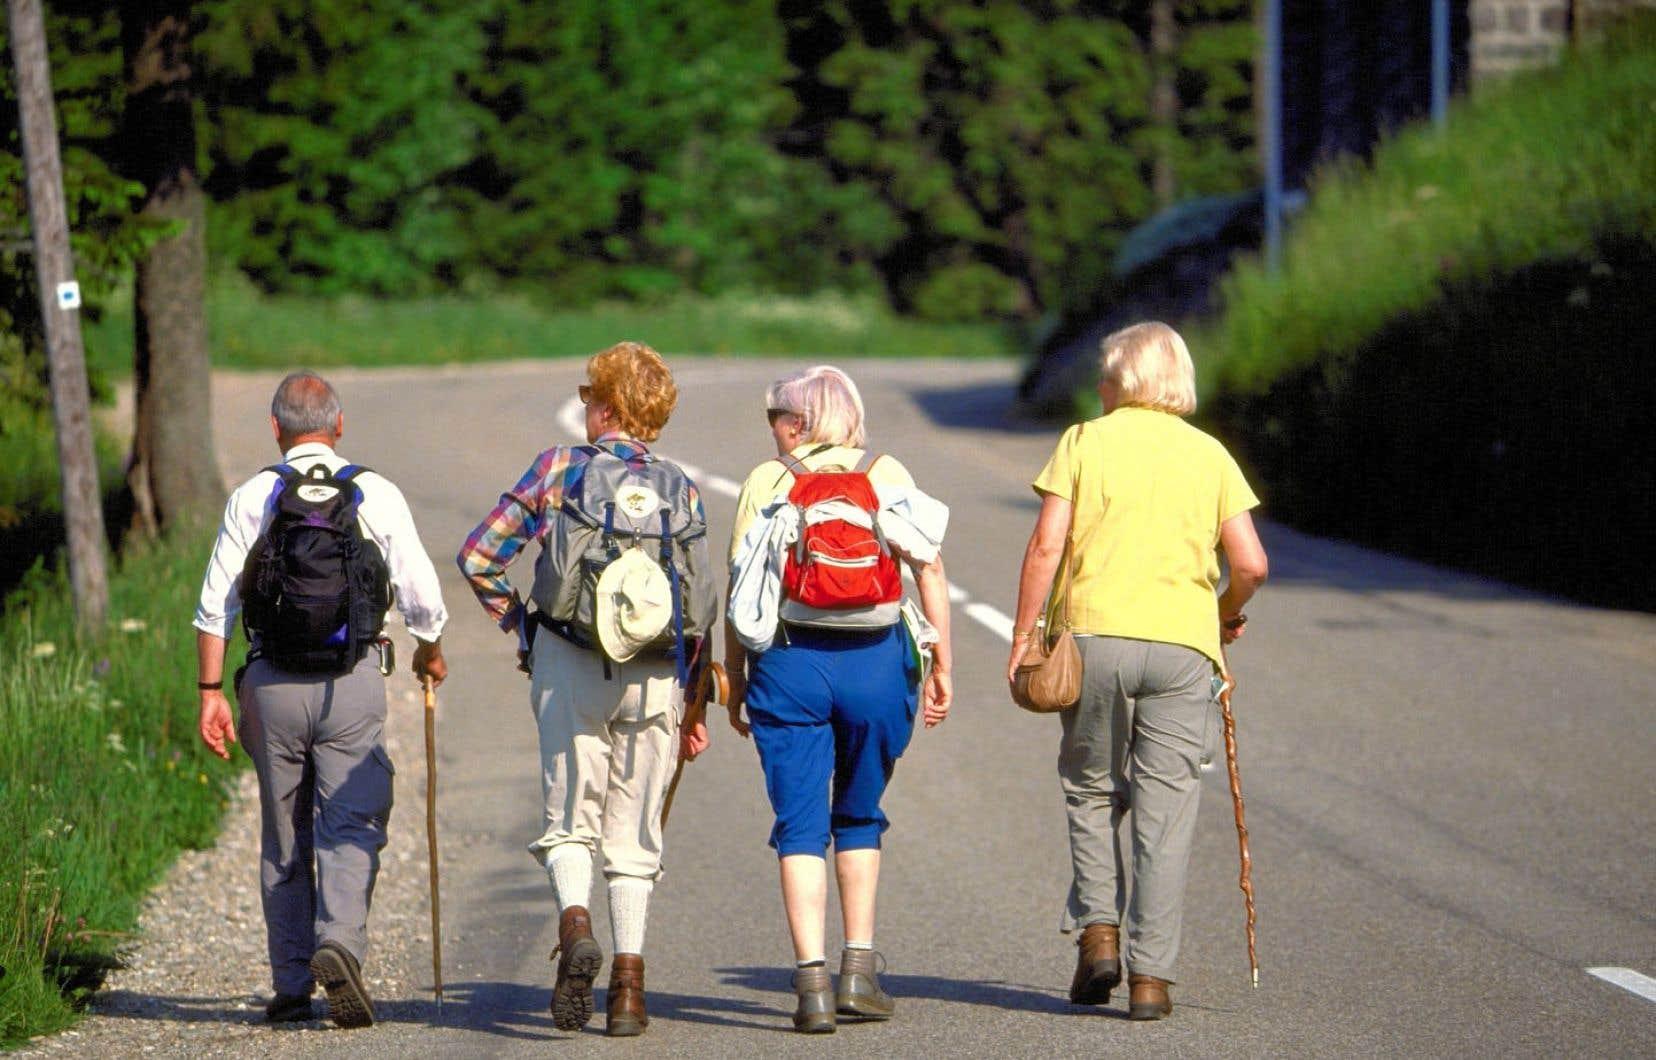 Les experts estiment que, à la retraite, on doit pouvoir bénéficier d'au moins 70% des revenus annuels bruts sur lesquels on pouvait compter auparavant, si on veut maintenir le même niveau de vie.